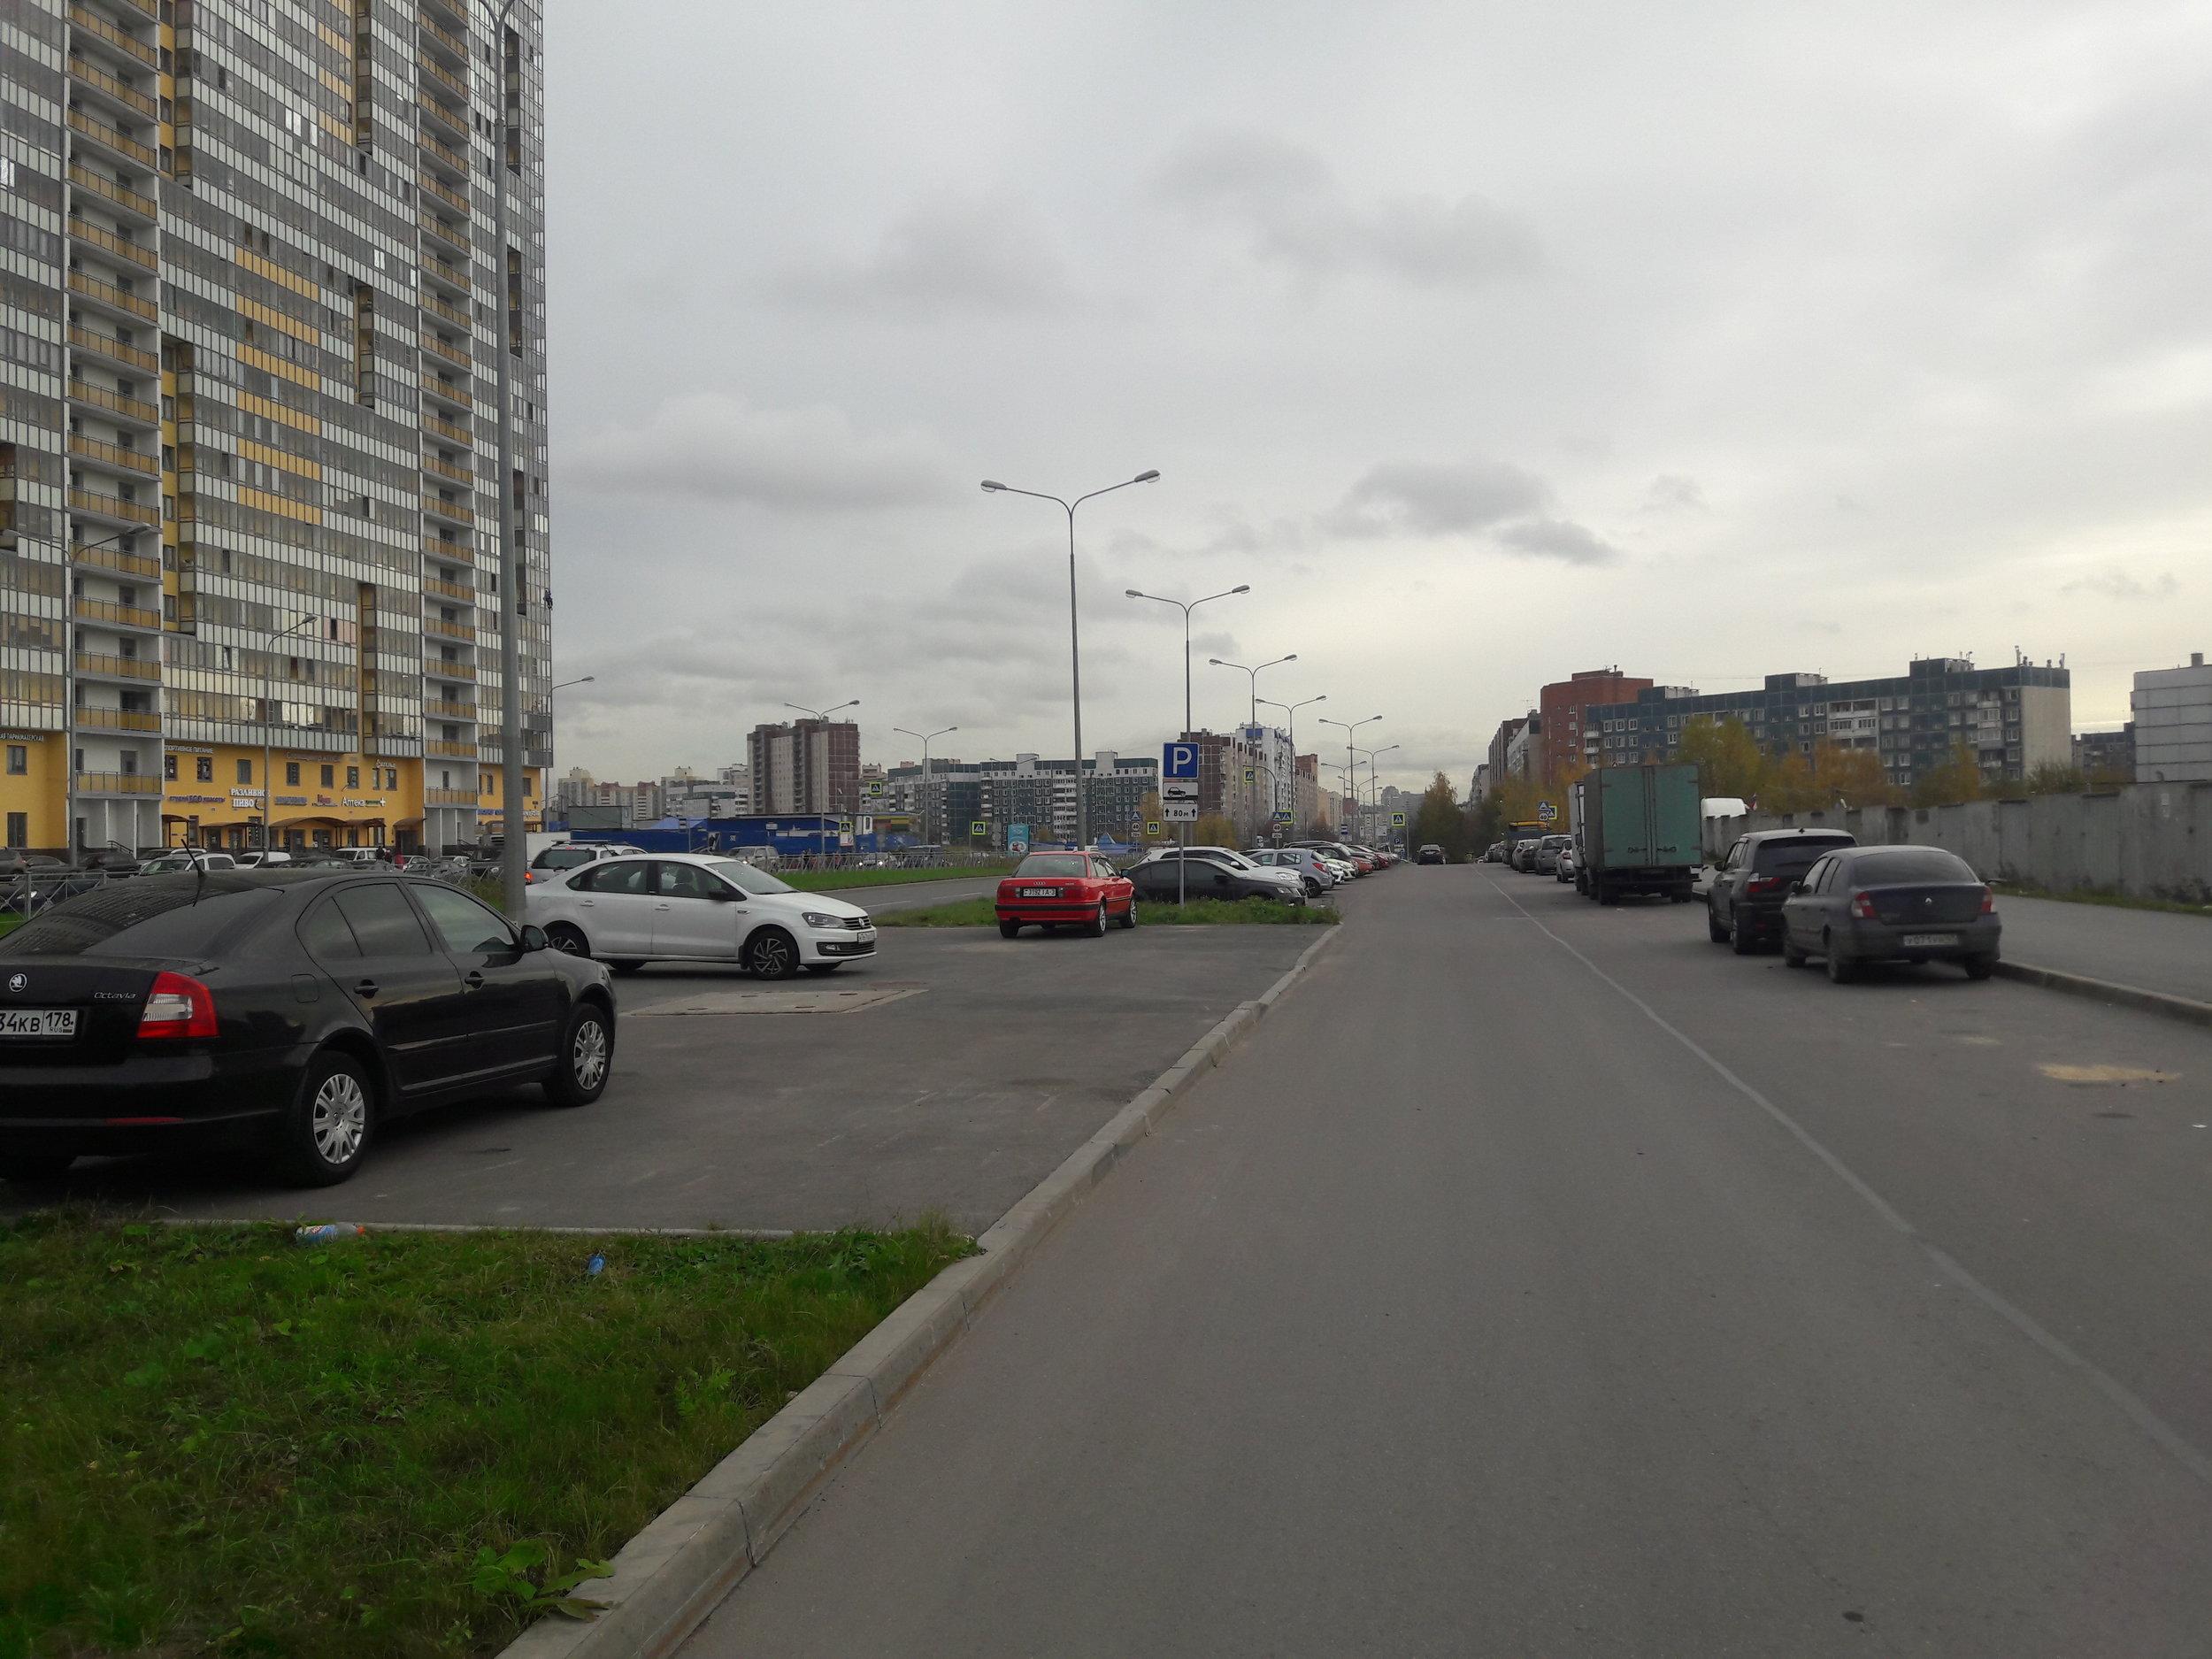 Parašutnaja ulica při pohledu na jih. Po ní směřují trolejbusy linky č. 2 k obchodnímu centru, u kterého se otočí, a směřují zpět na sever, akorát již po paralelně vedeném Komendantskom prospektu a už pod dráty.